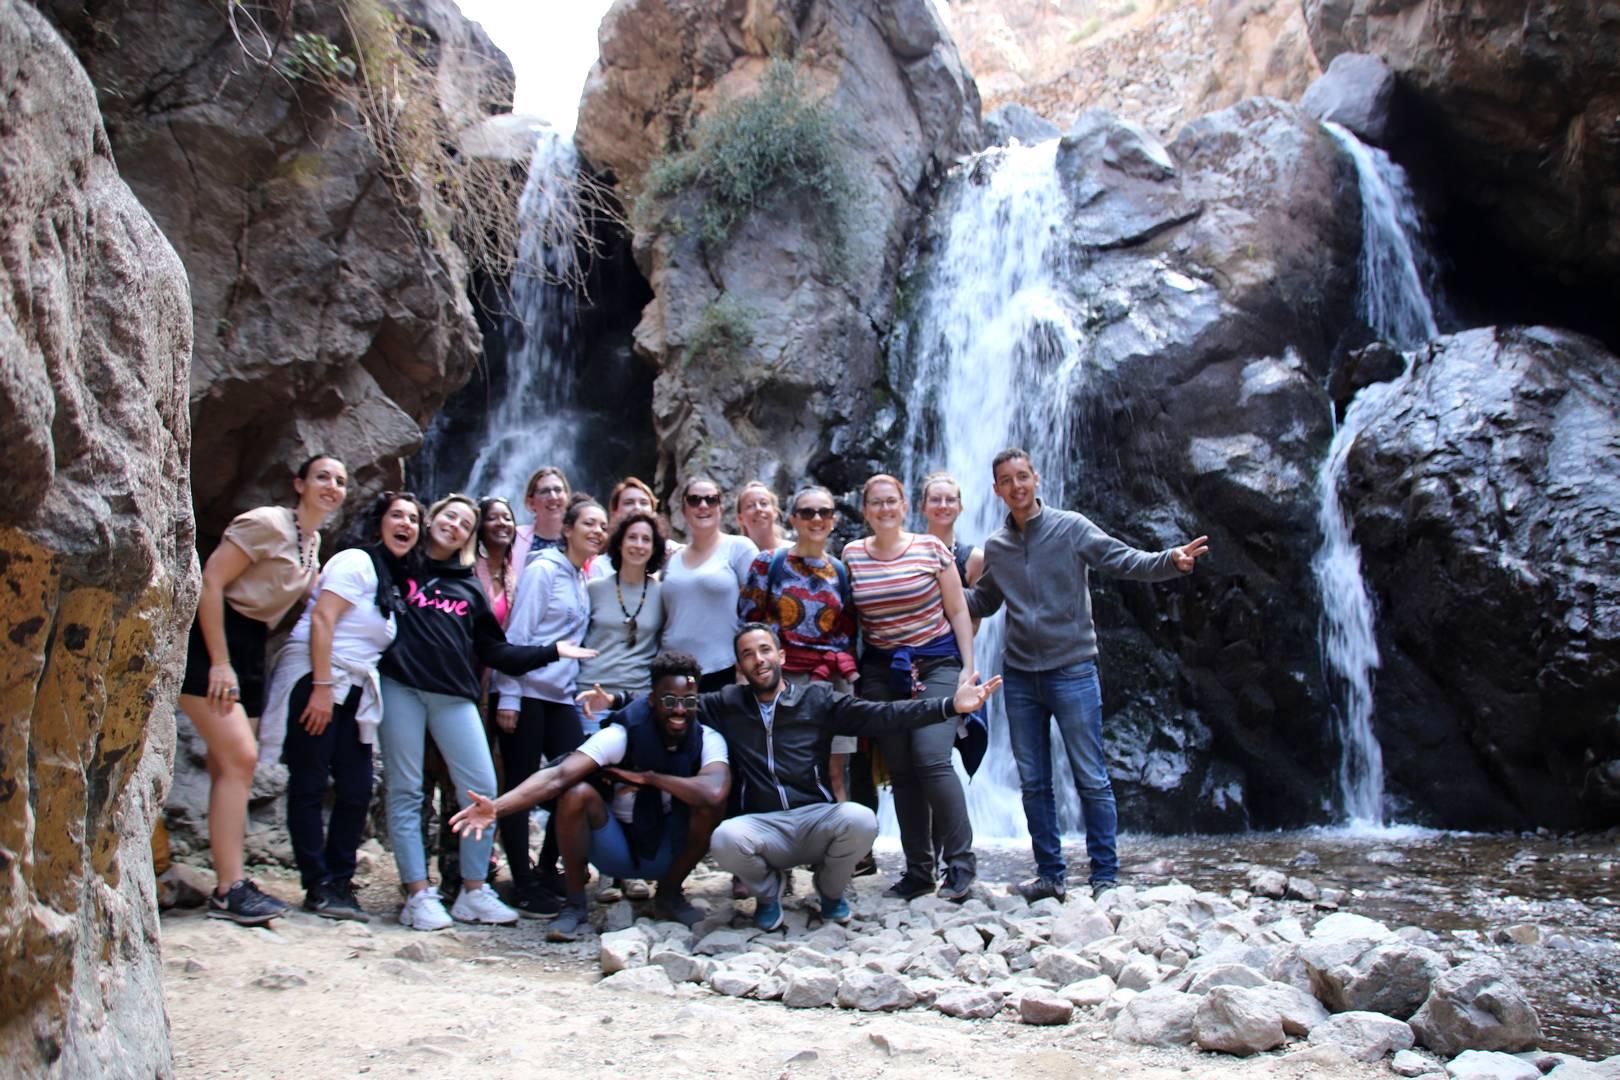 Maroc - Photo de groupe devant une cascade dans la vallée d'Imlil